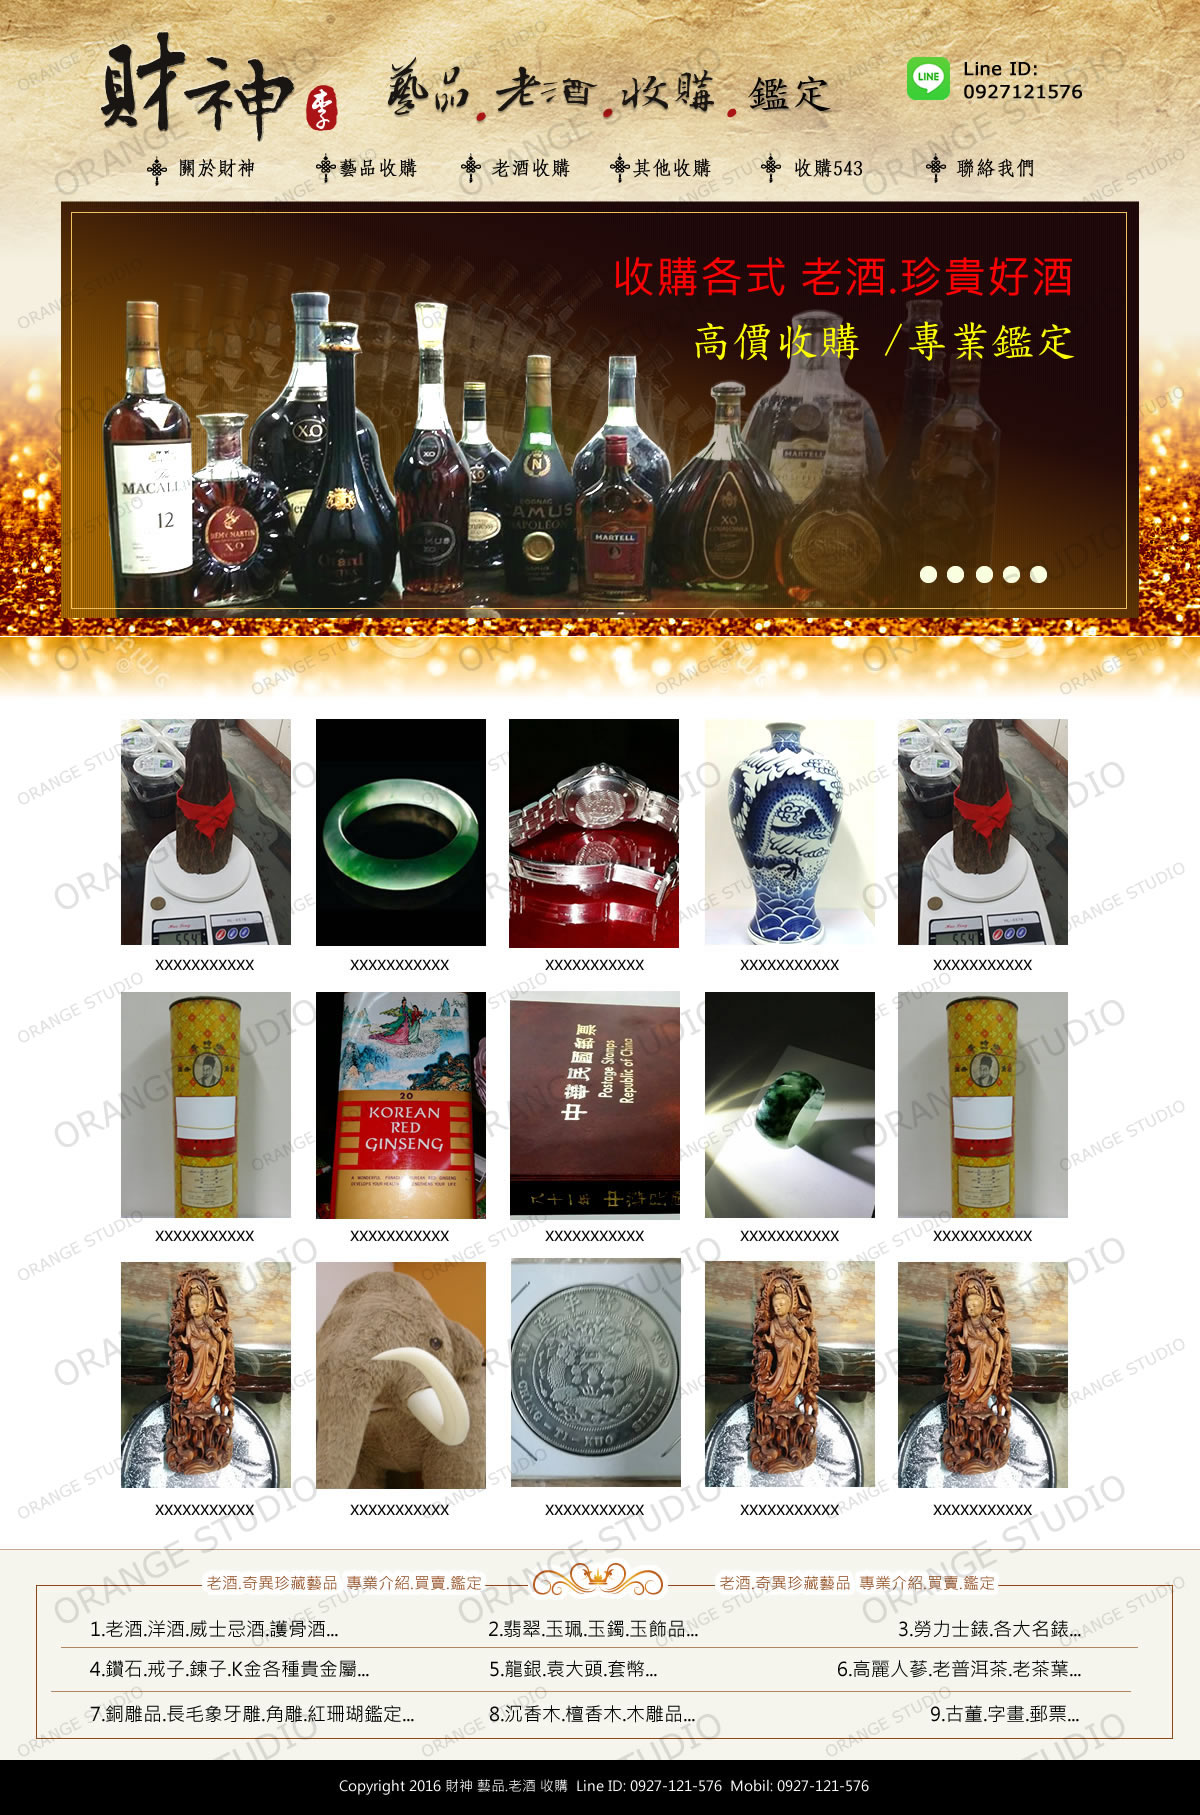 最近網頁設計作品_威力草堂老酒收購 --橘子軟件網頁設計